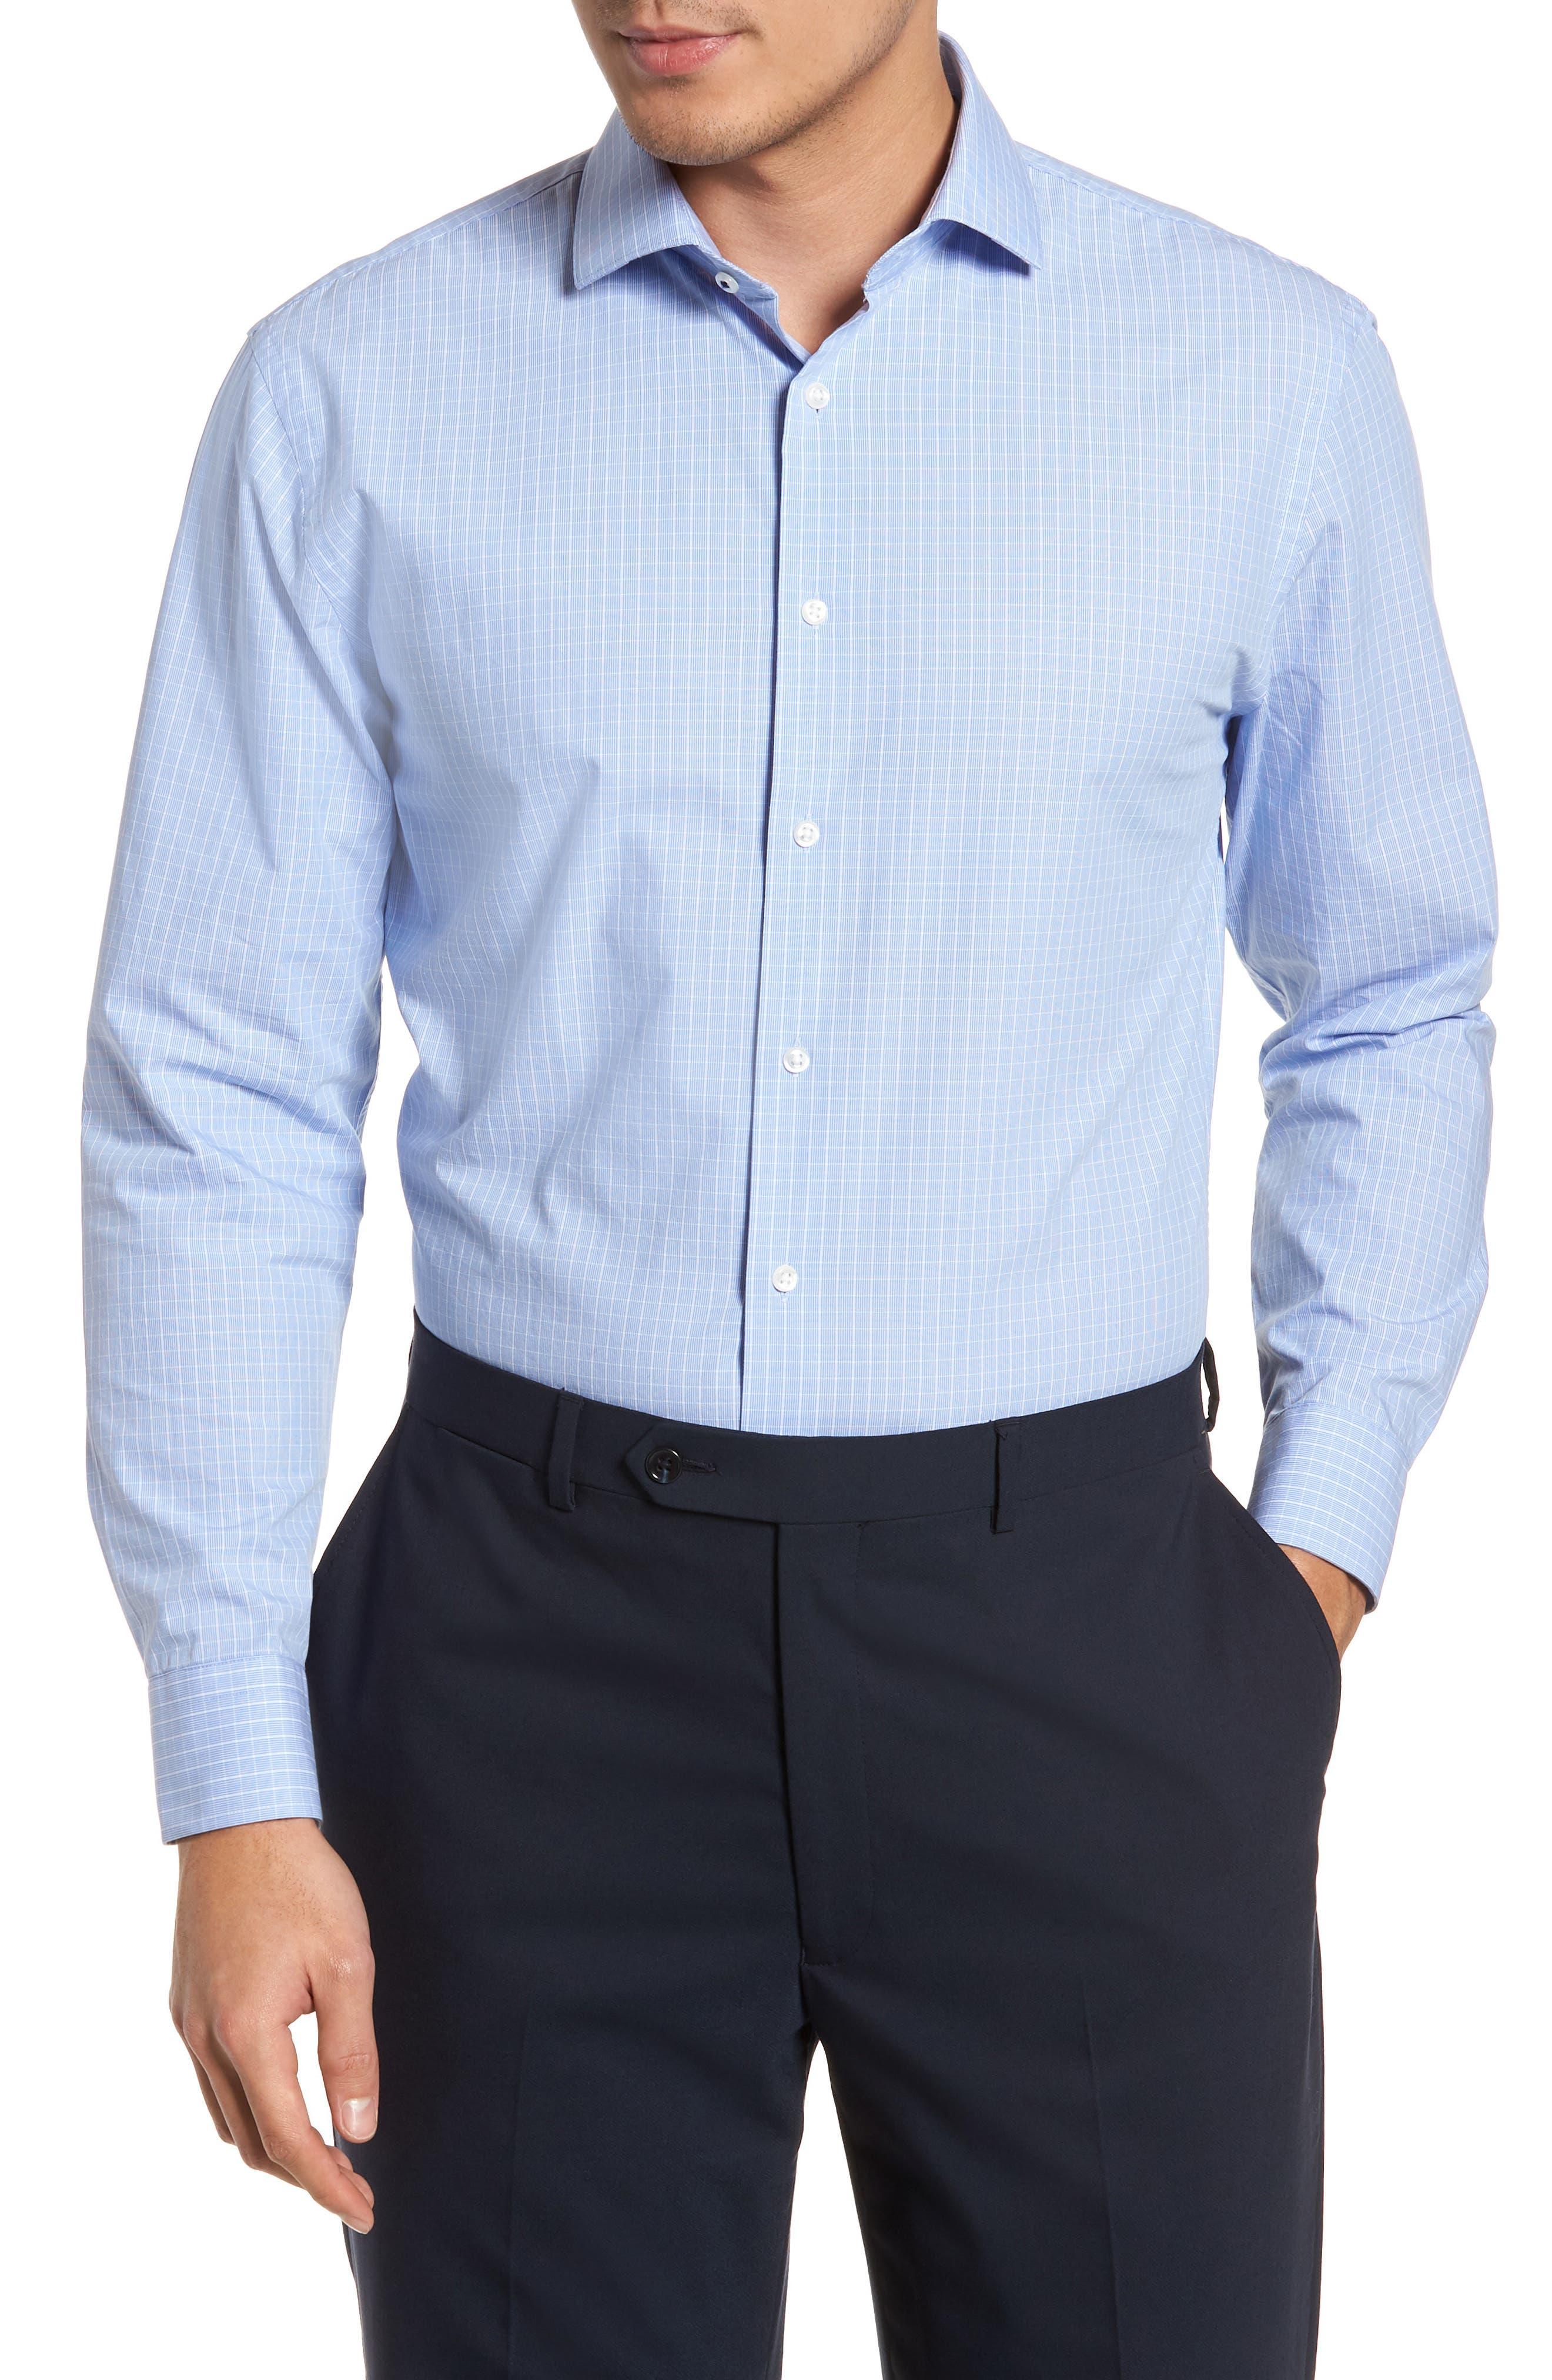 Tech-Smart Trim Fit Stretch Grid Dress Shirt,                         Main,                         color, 450